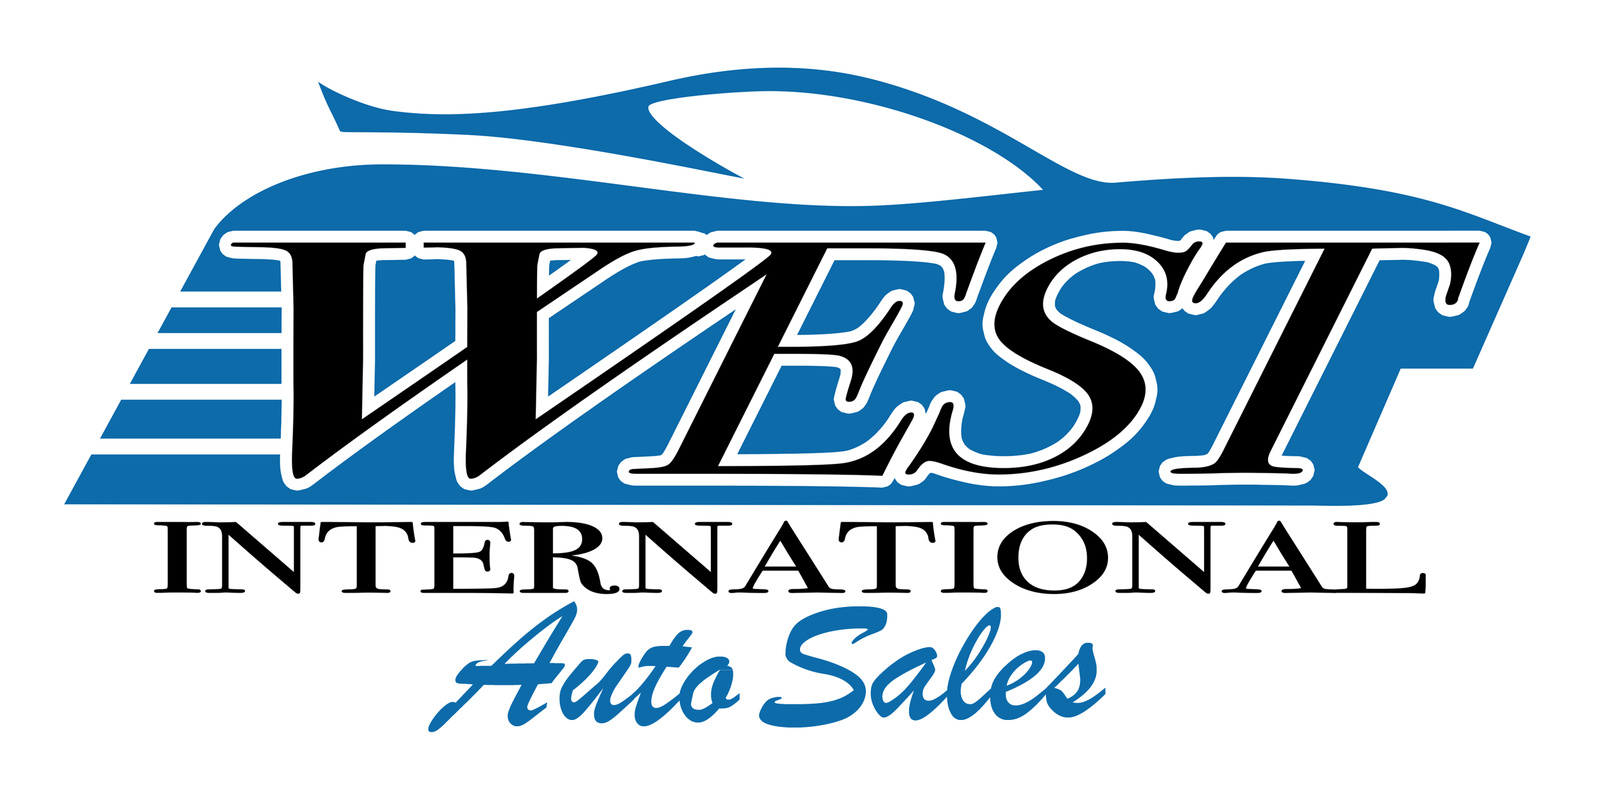 West International Auto Sales Miramar Fl Read Consumer